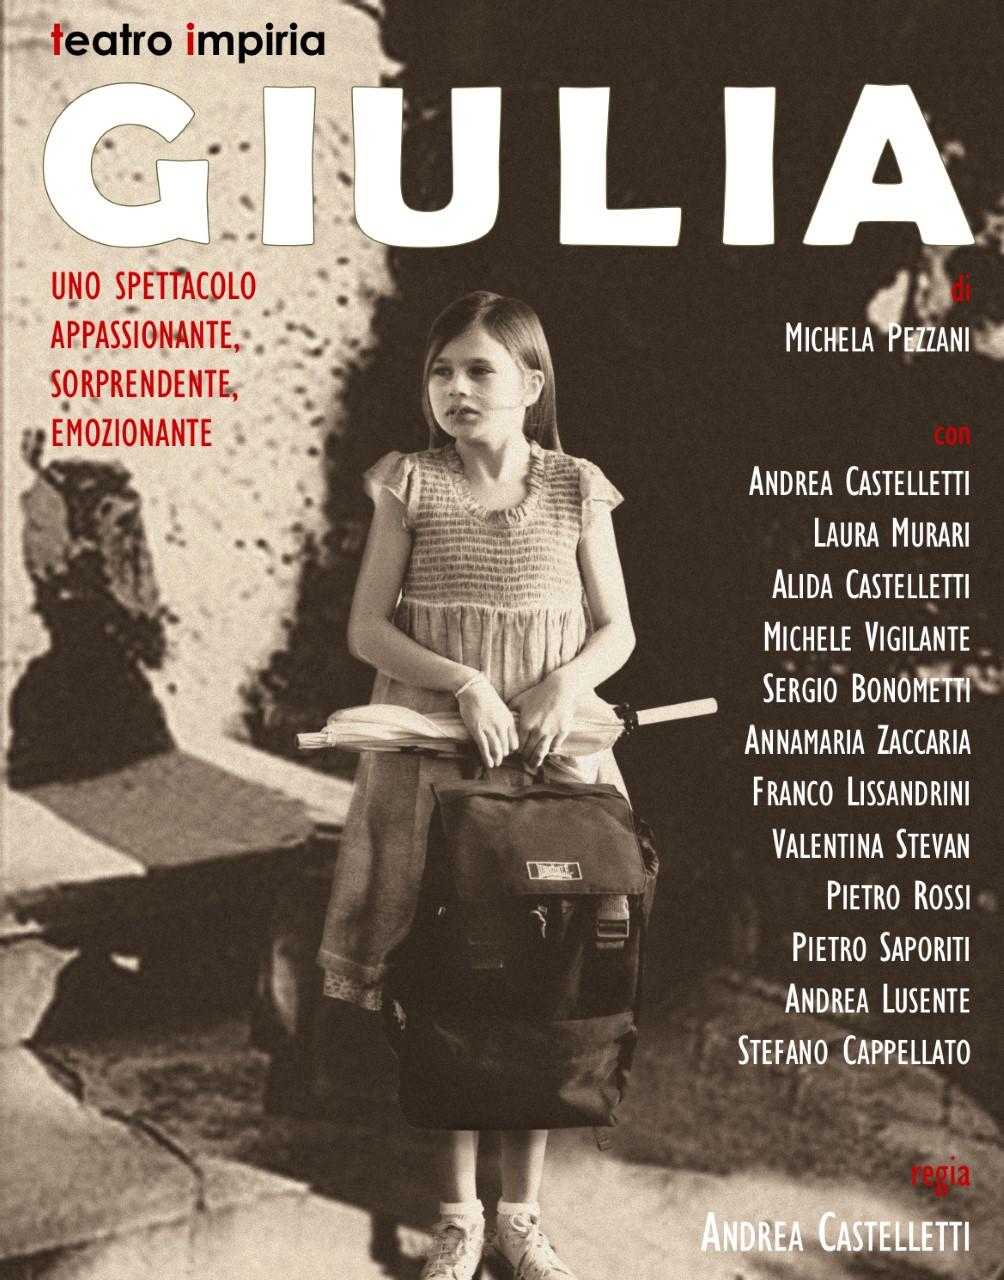 Giulia, spettacolo teatrale